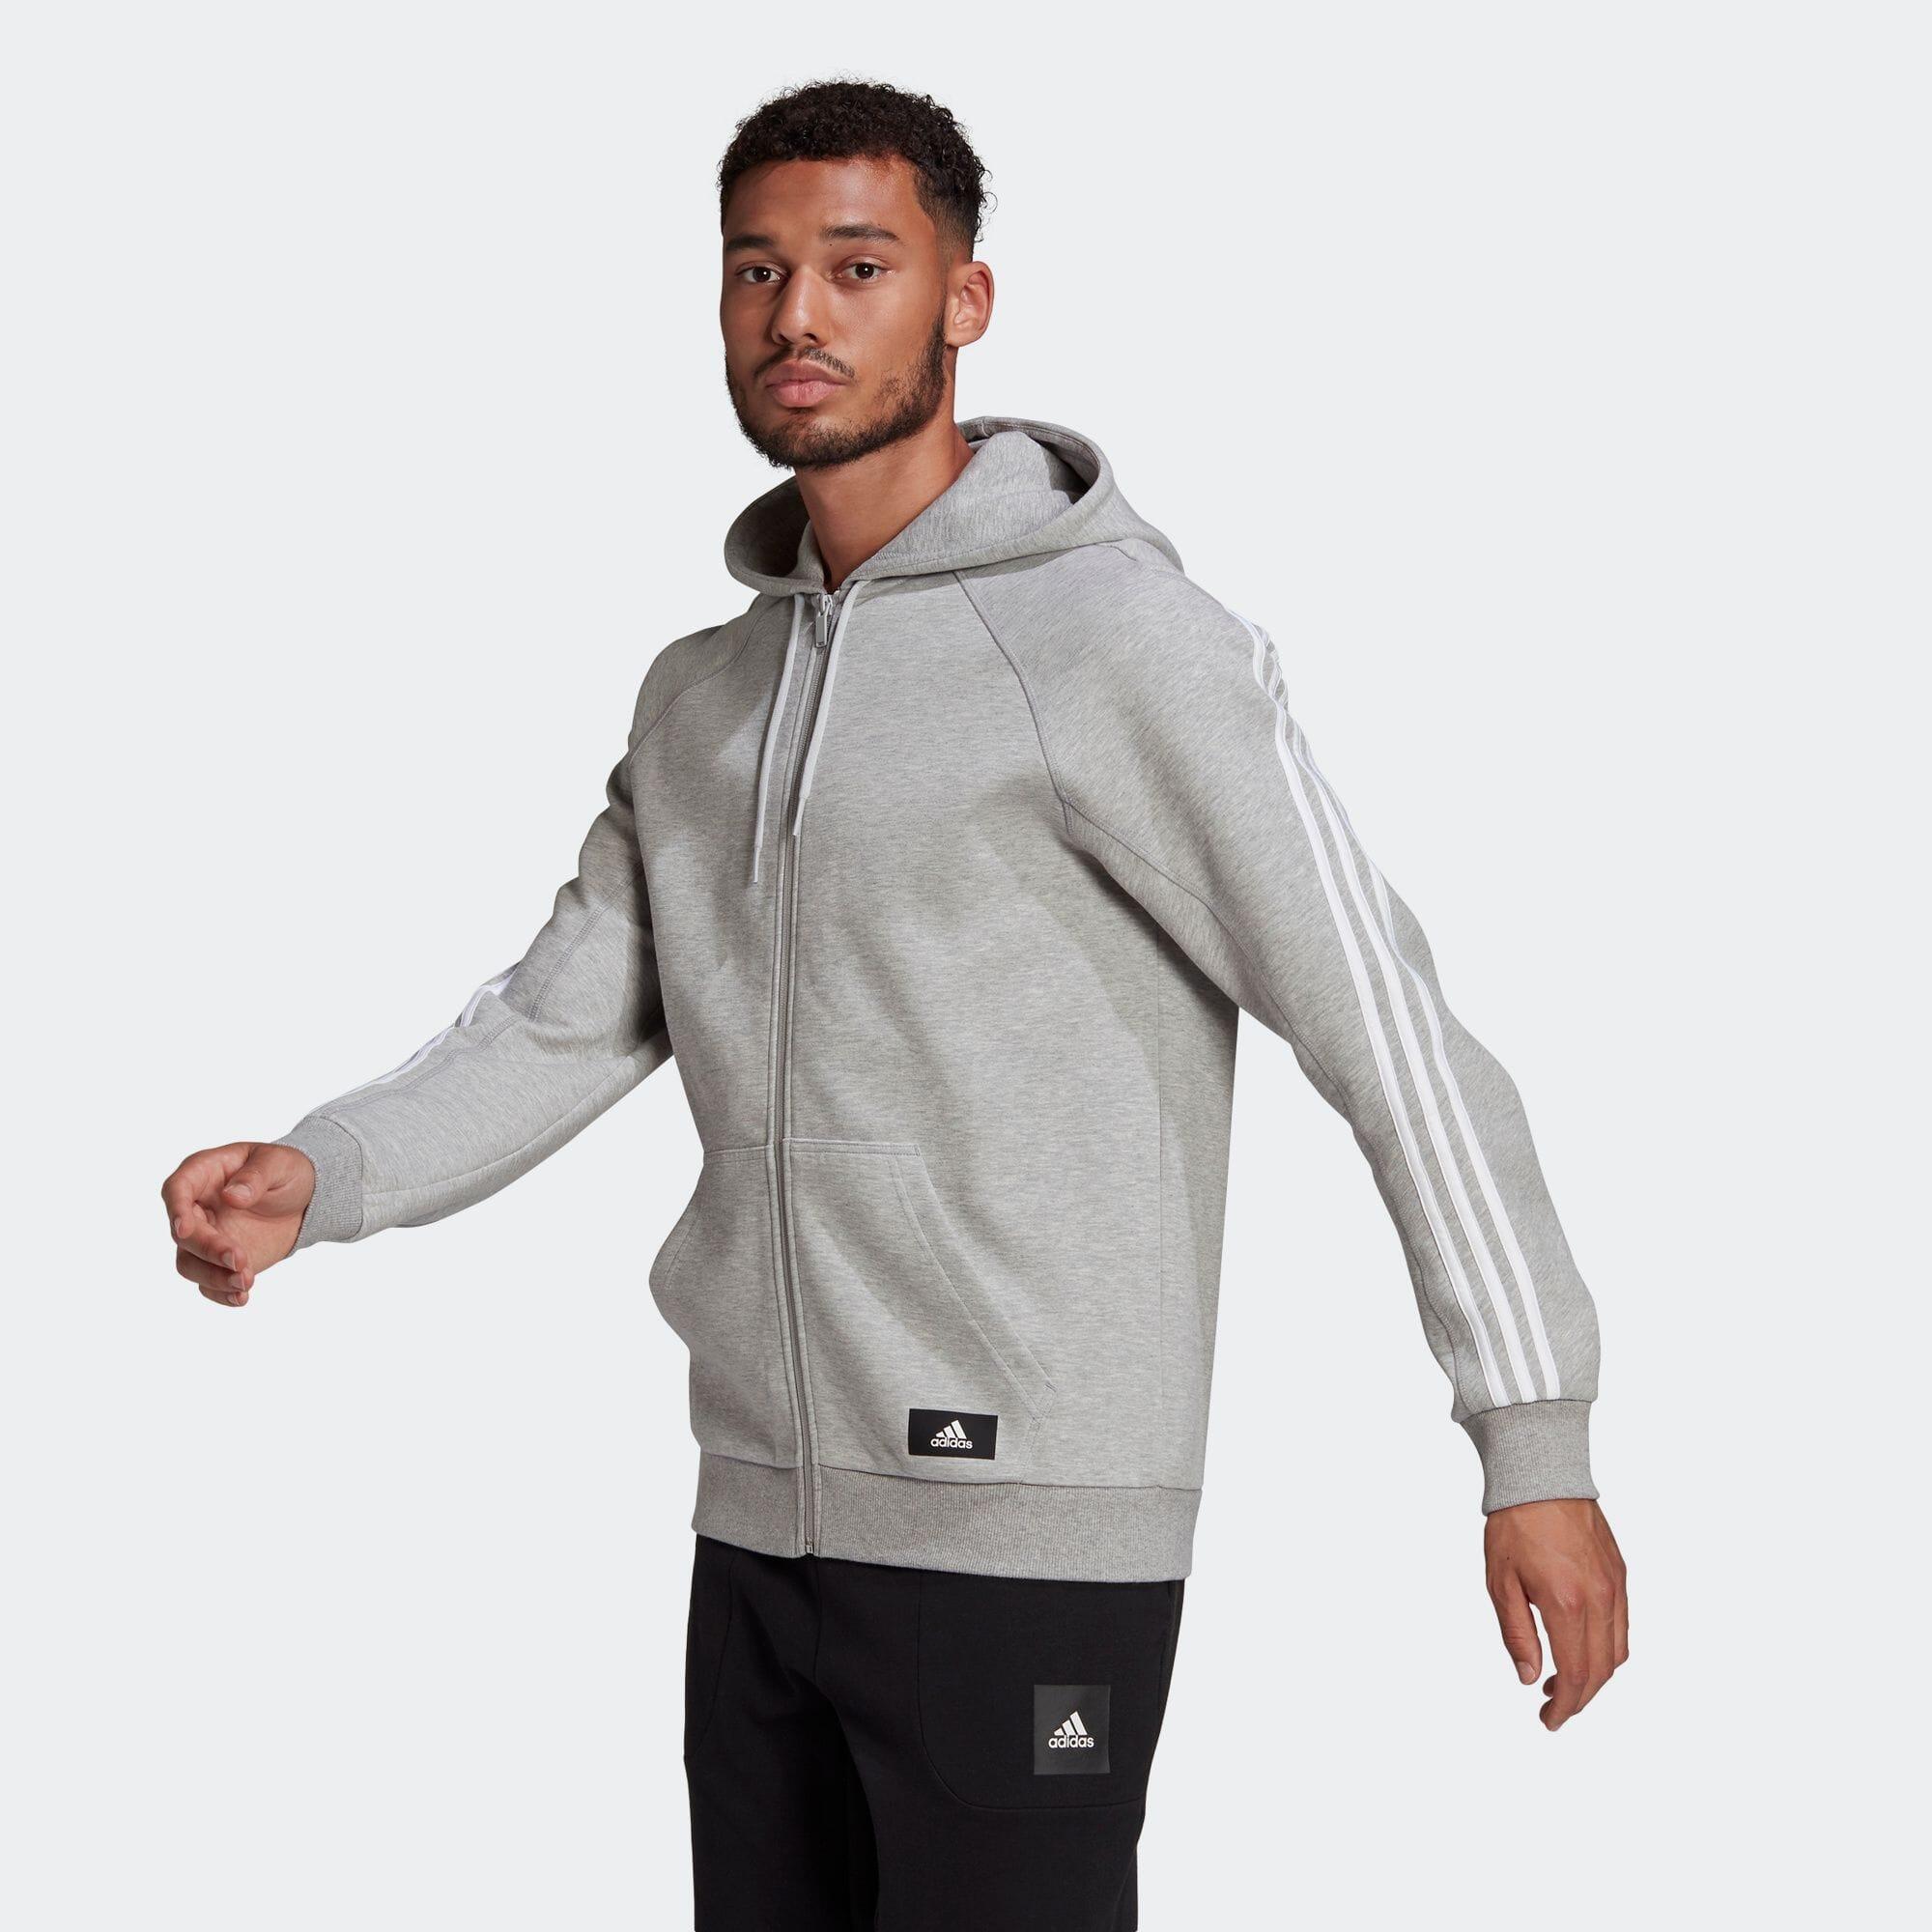 アディダス スポーツウェア 3ストライプス フード付きトラックトップ / adidas Sportswear 3-Stripes Hooded Track Top